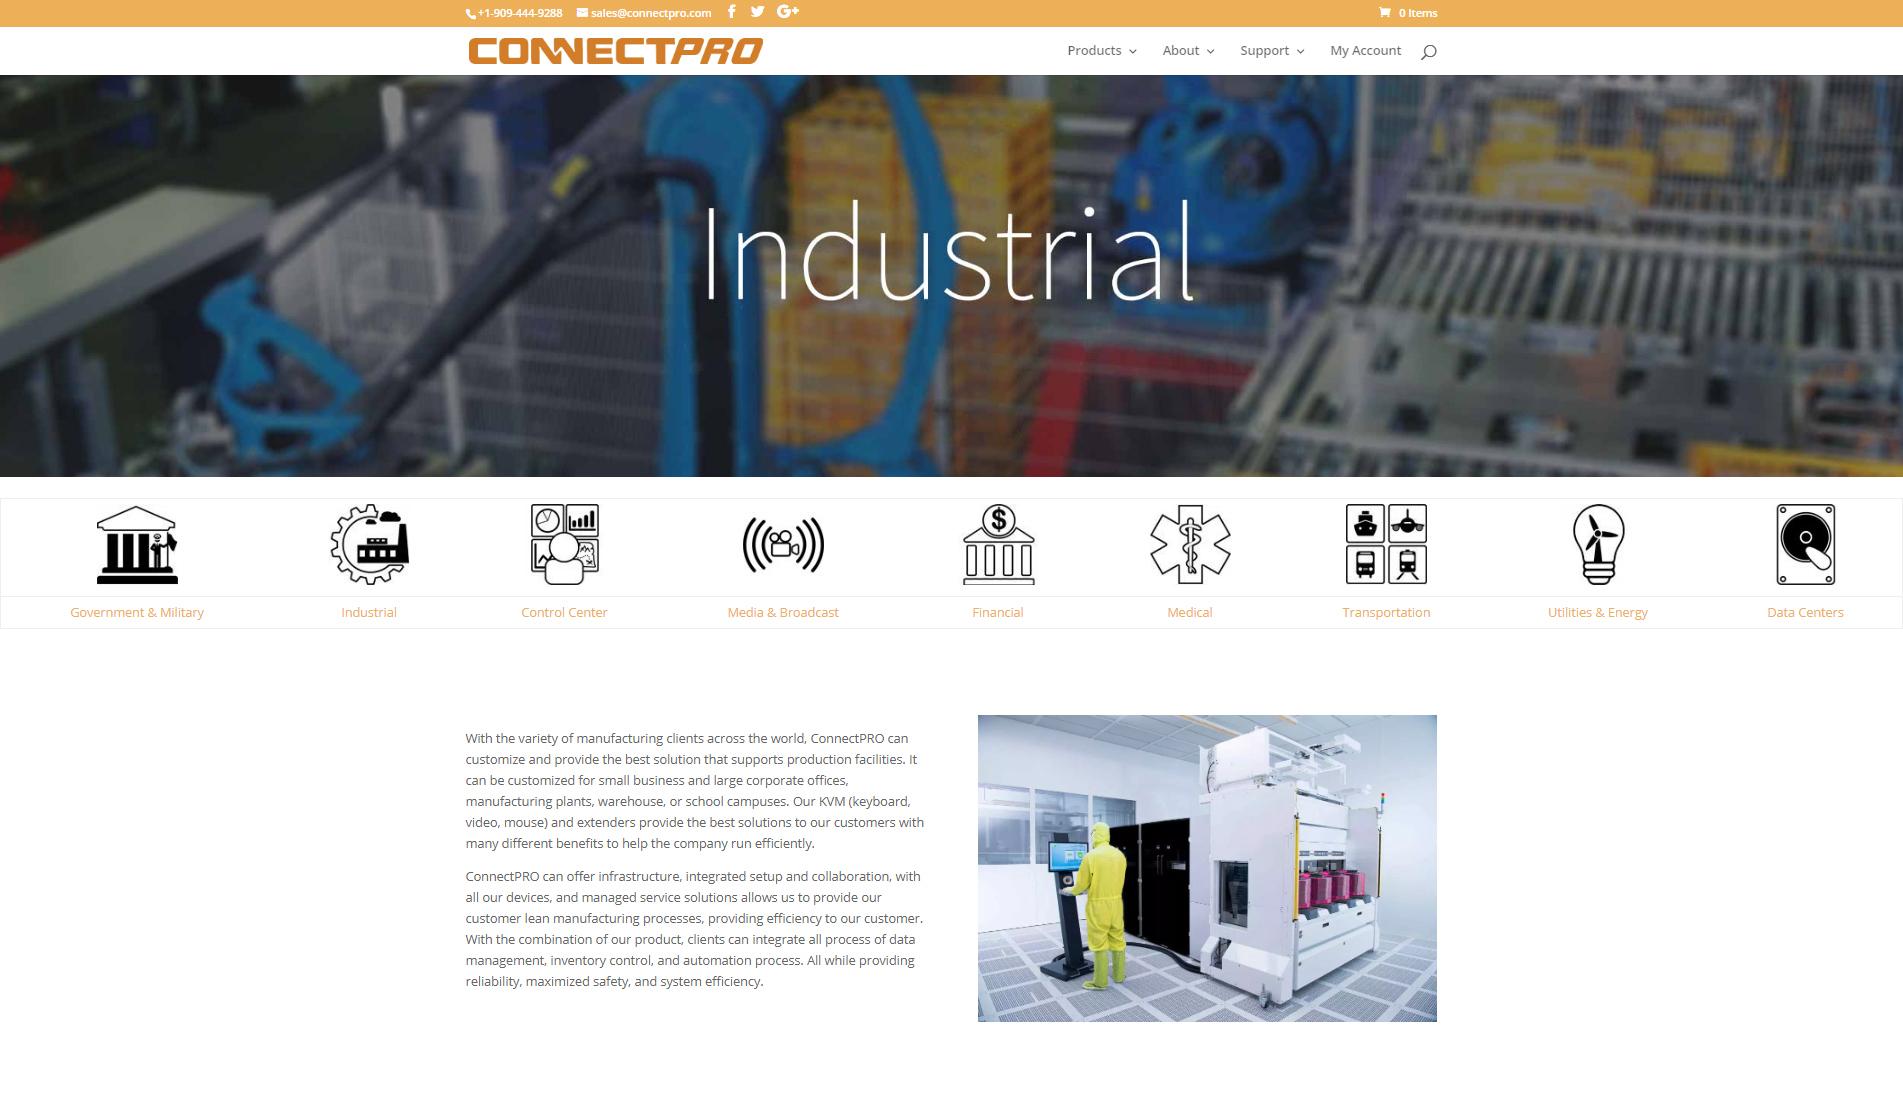 ConnectPRO_Industry_Nav_Bar_Industrial.jpg